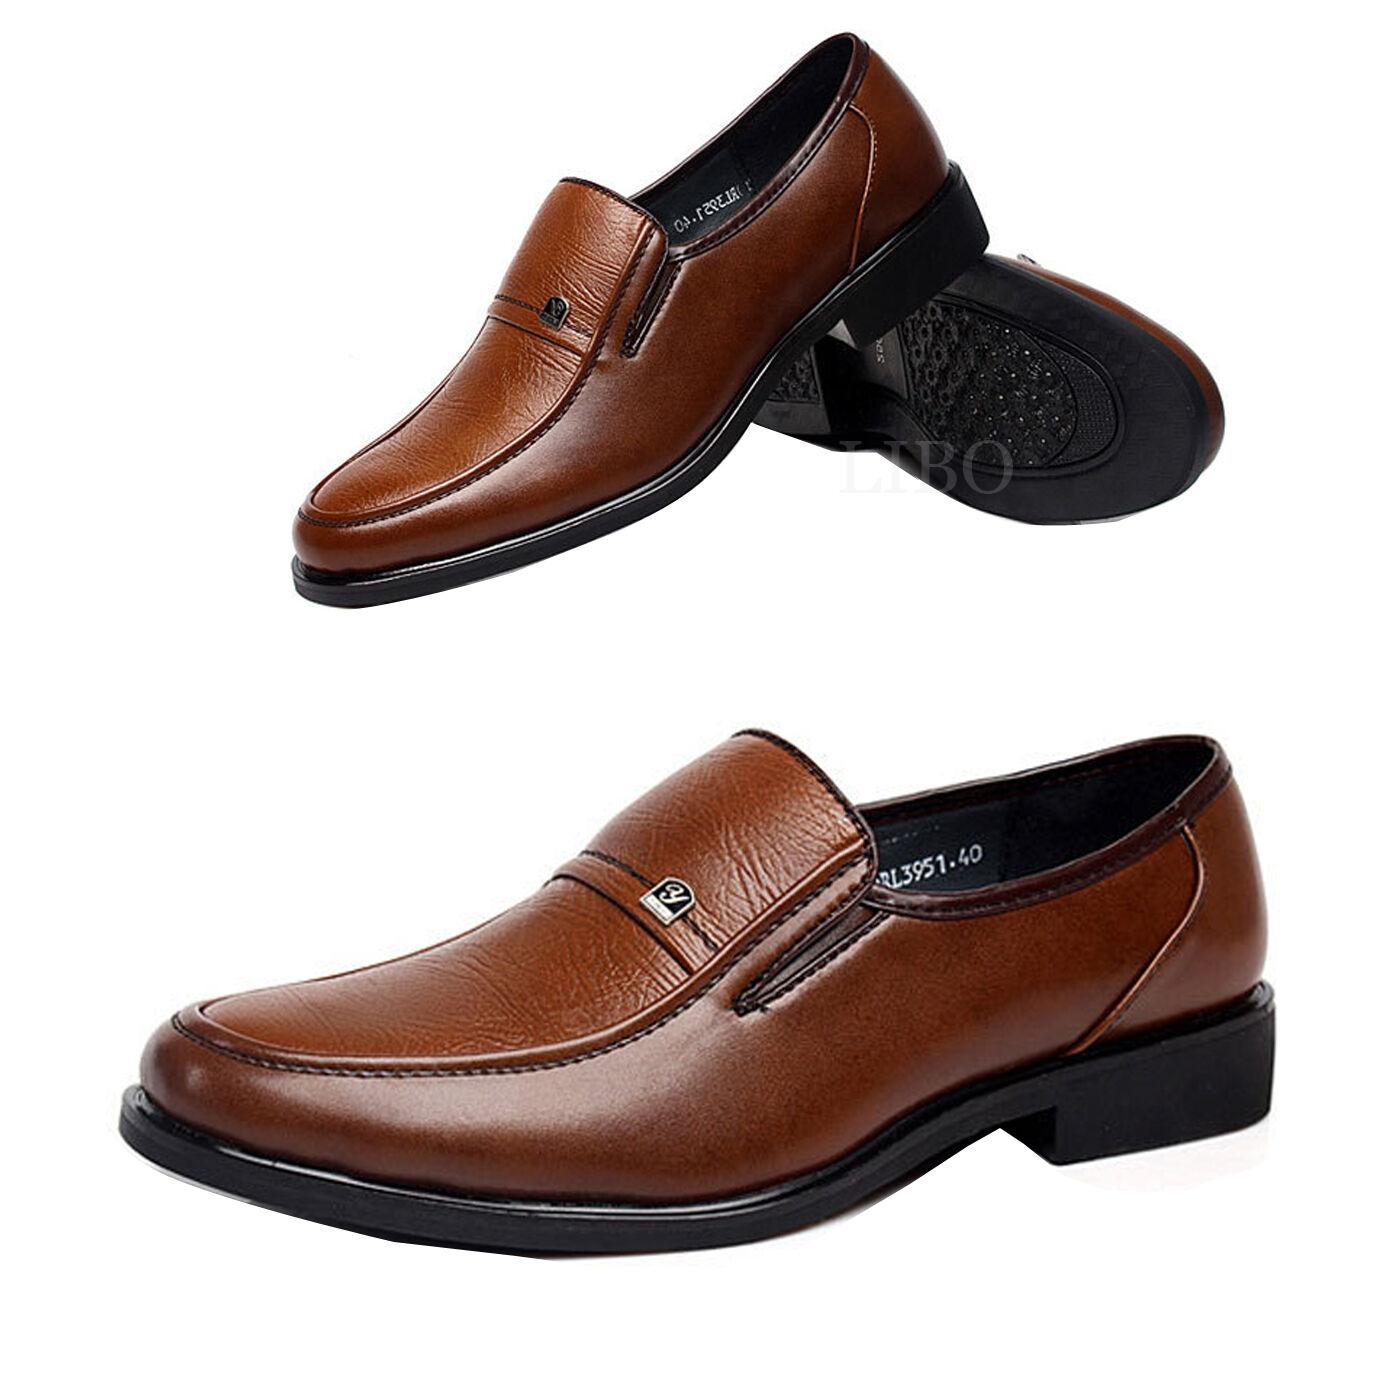 Hombre Nuevo Zapatos De Vestir Bodas Sin Cordones Oxford Clásico Bodas Vestir Negocios Marrón 5b3dd4